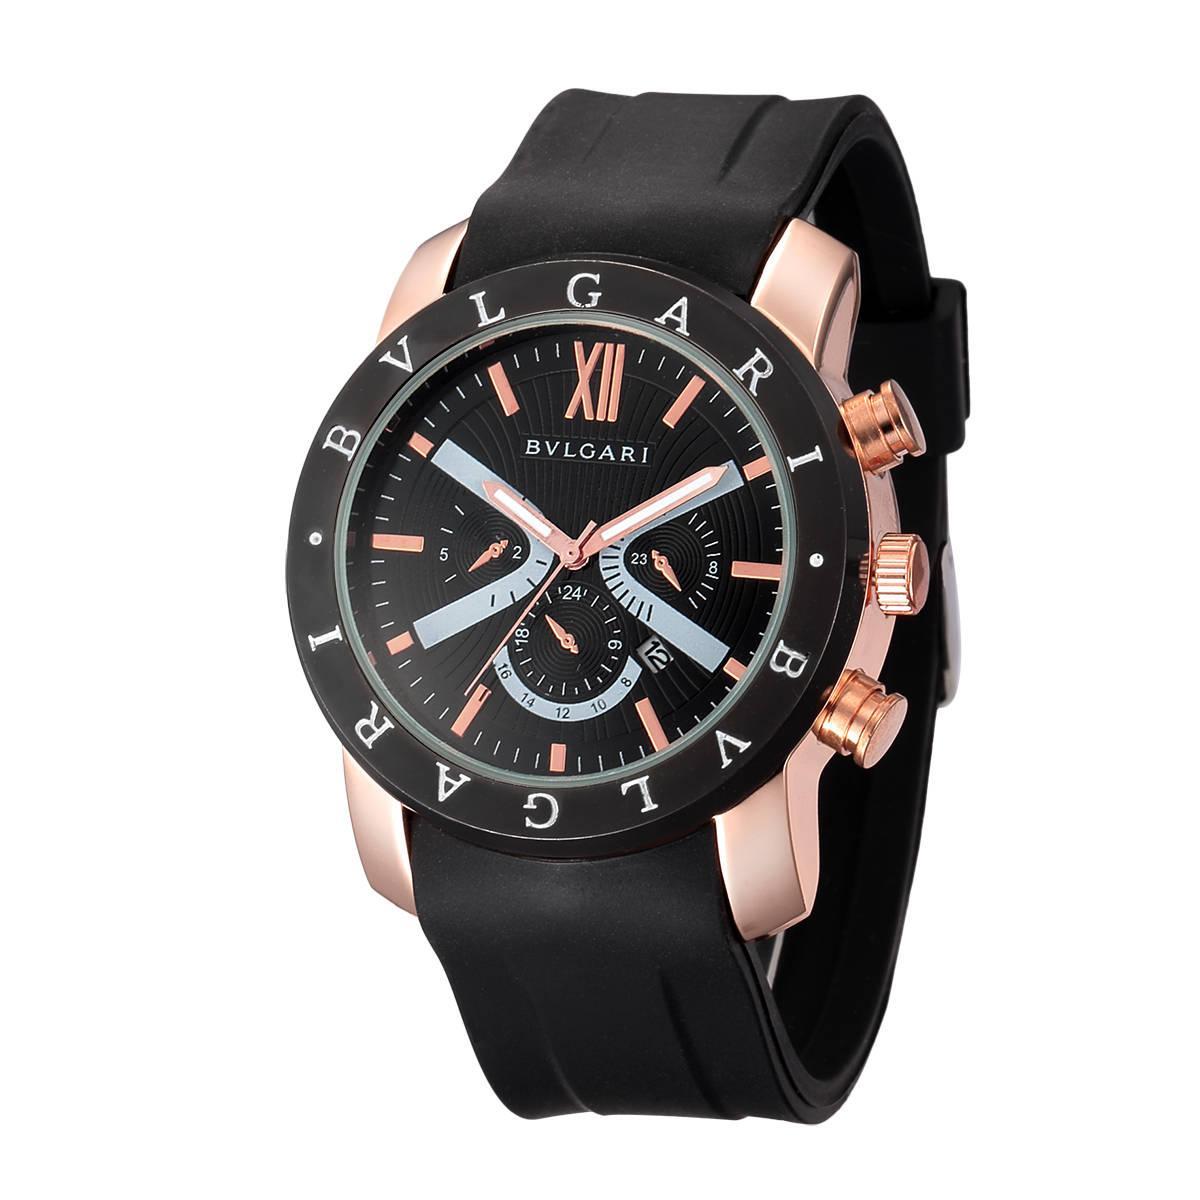 26a107c7667 Compre BV Marca De Luxo Homens   Mulheres Moda Casual Relógio De Pulso  Sílica Gel Strap Movimento De Quartzo Melhor Relógio Presente Relógio Dw  Qualidade ...